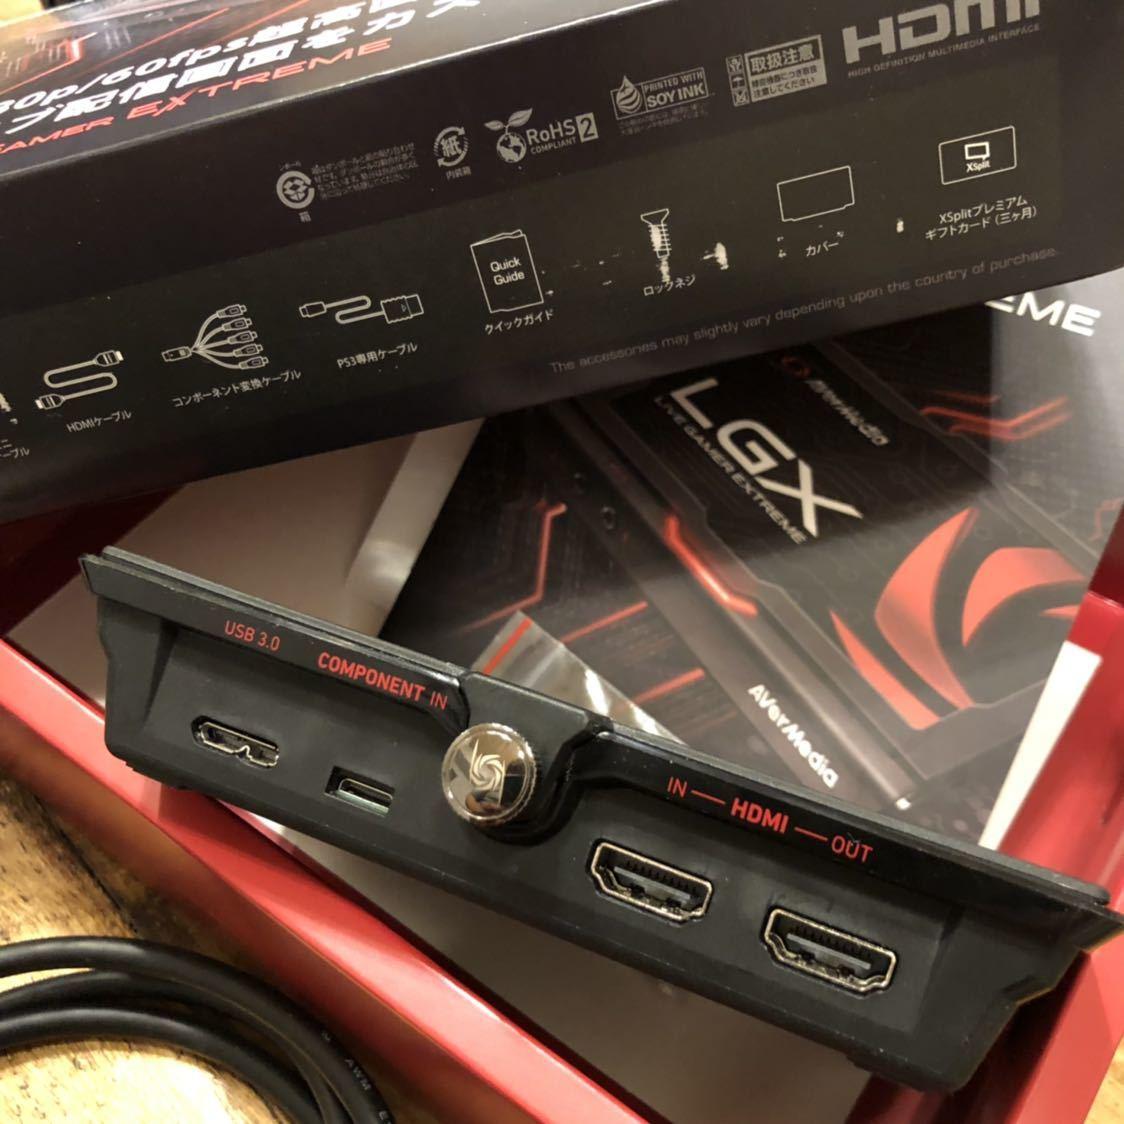 【美品】キャプチャーボード PS4などゲーム録画or実況におススメ gc550 avermedia フルHD 60FPS対応 高速USB3.0_画像3